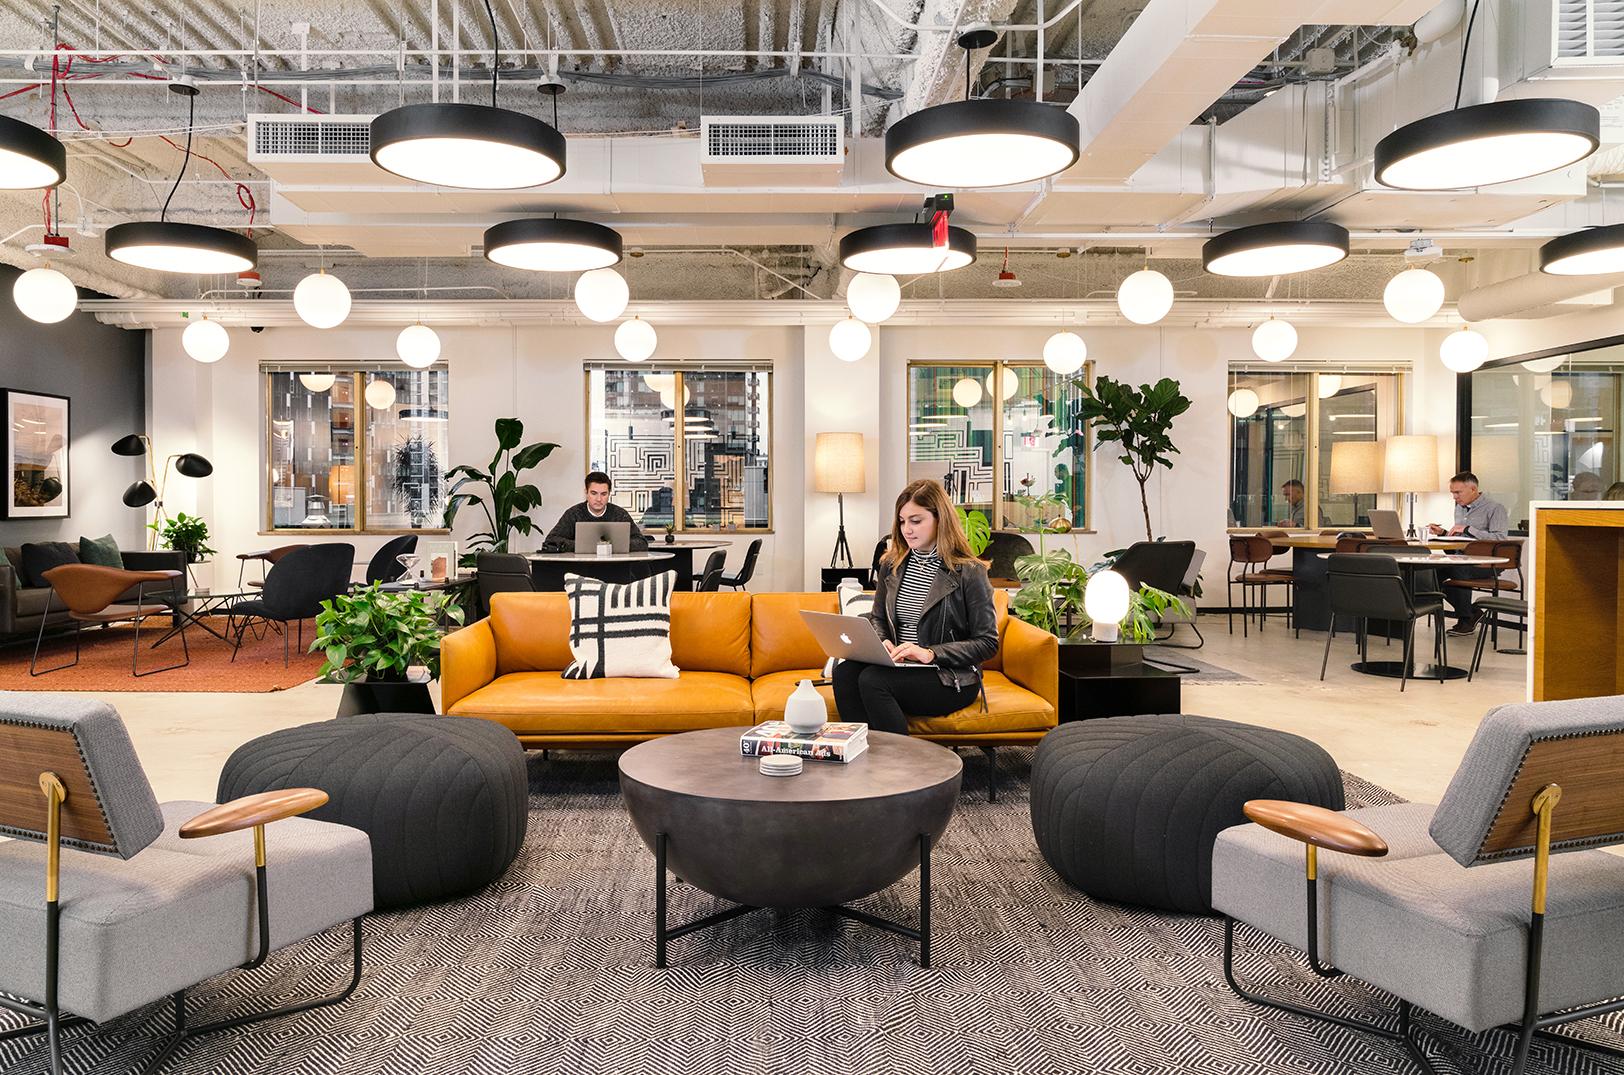 Co-working Space - mô hình văn phòng chia sẻ đang thu hút nhiều nhà đầu tư